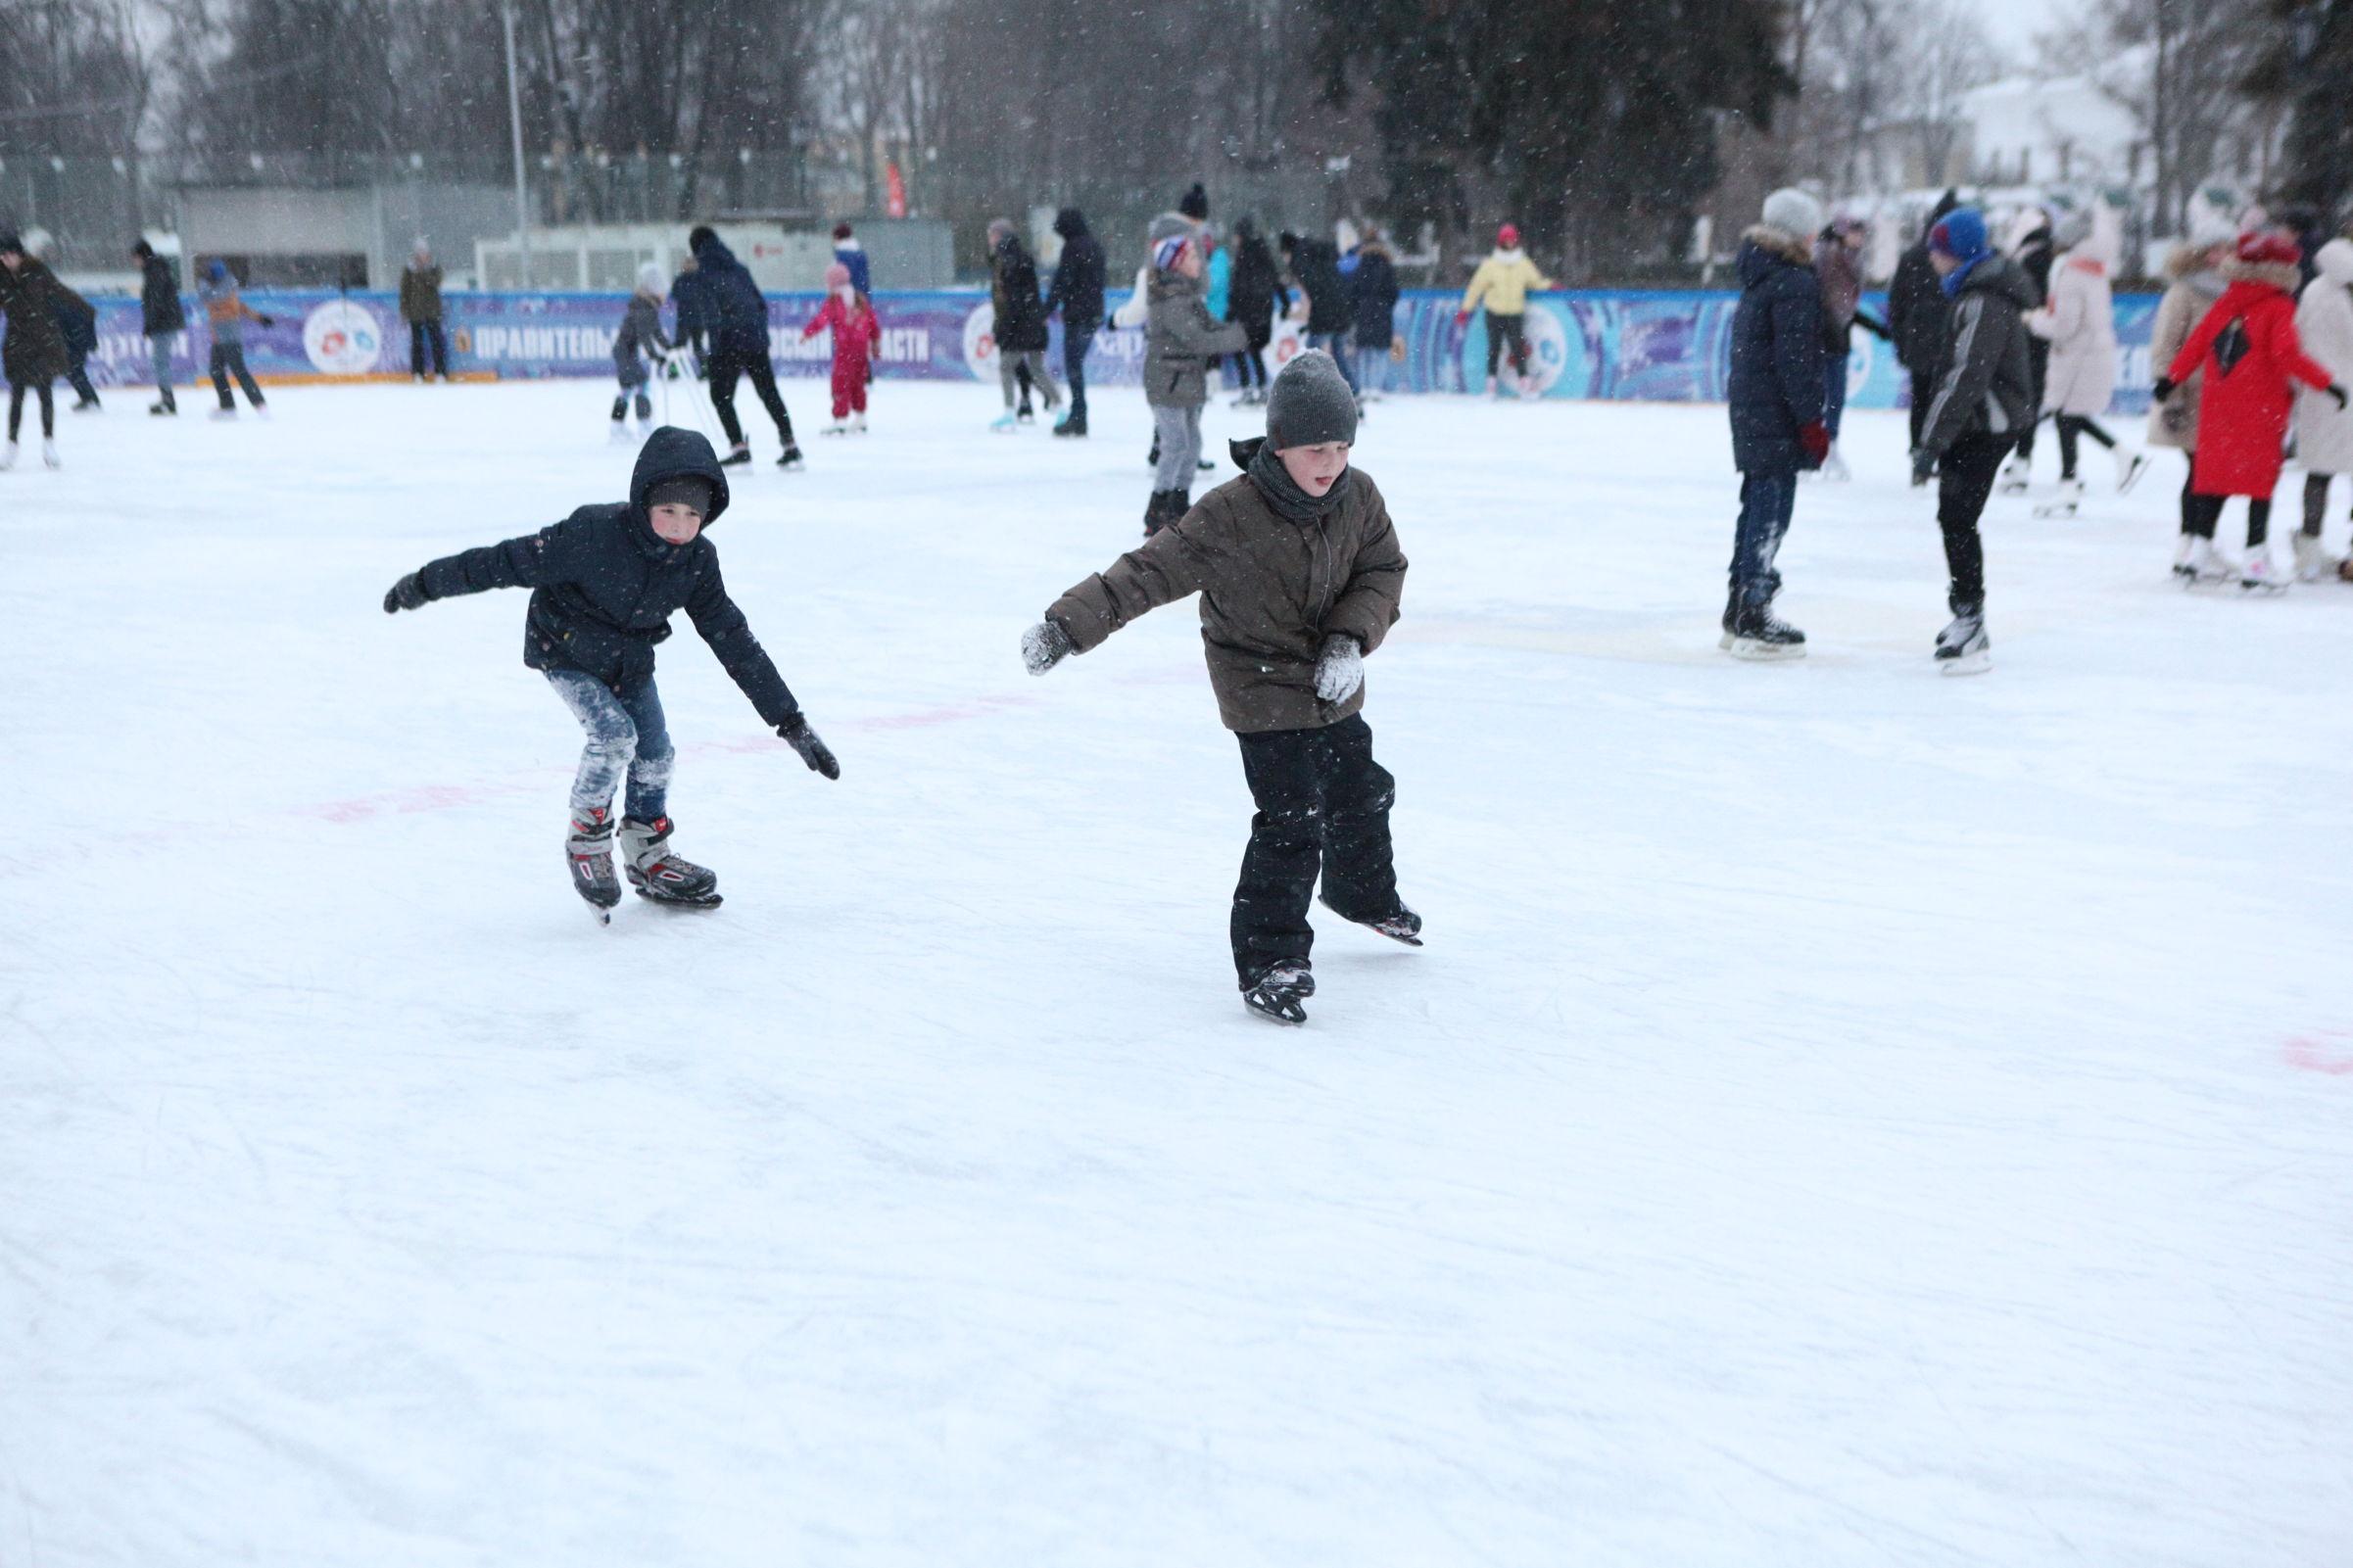 Отдых с друзьями и близкими: ярославцев в выходные приглашают весело провести время